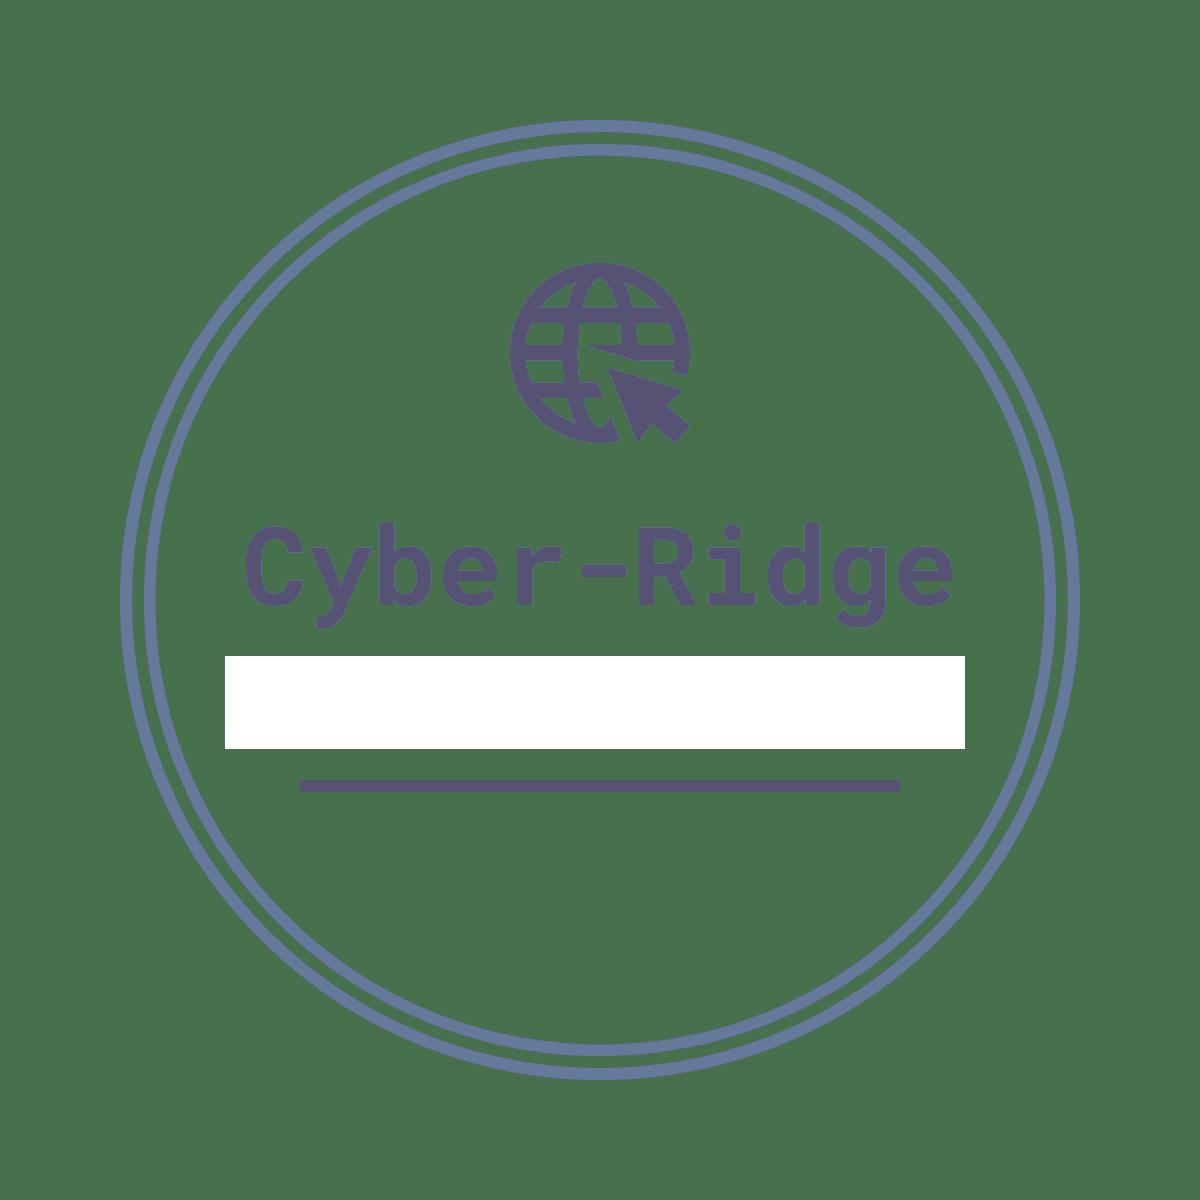 Cyber-ridge